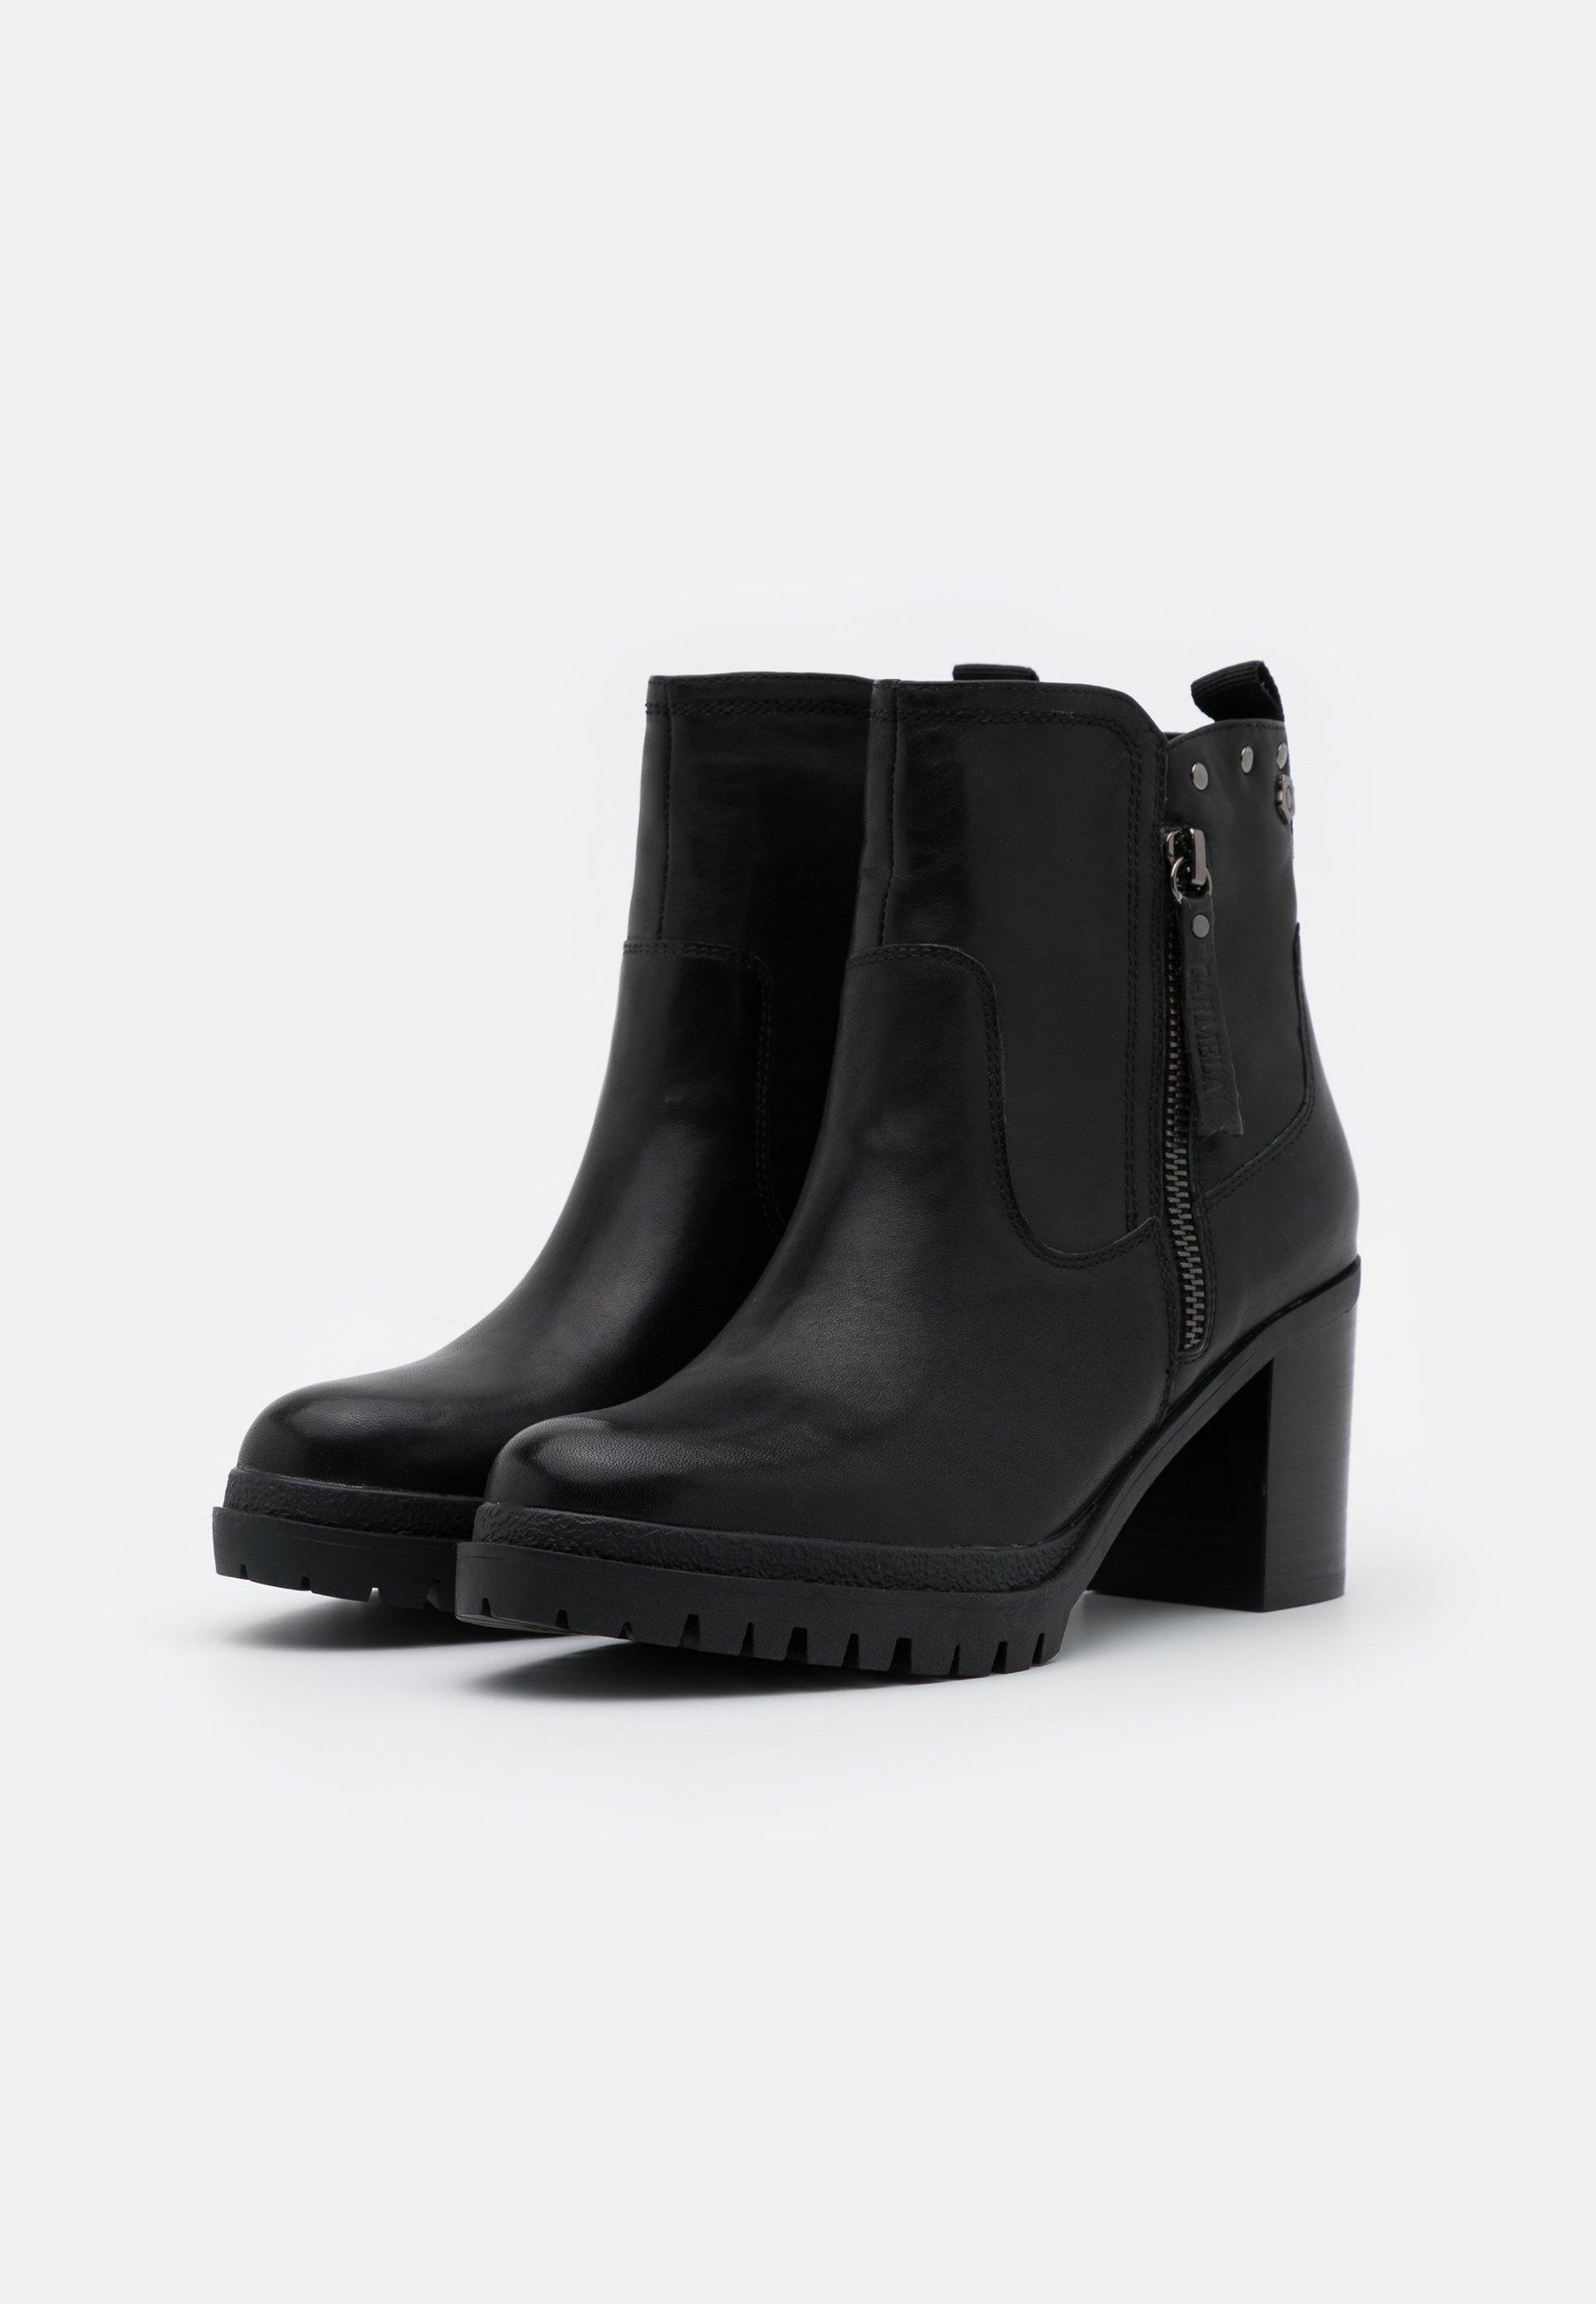 A basso costo Scarpe da Donna Carmela LADIES BOOTS  Stivaletti black